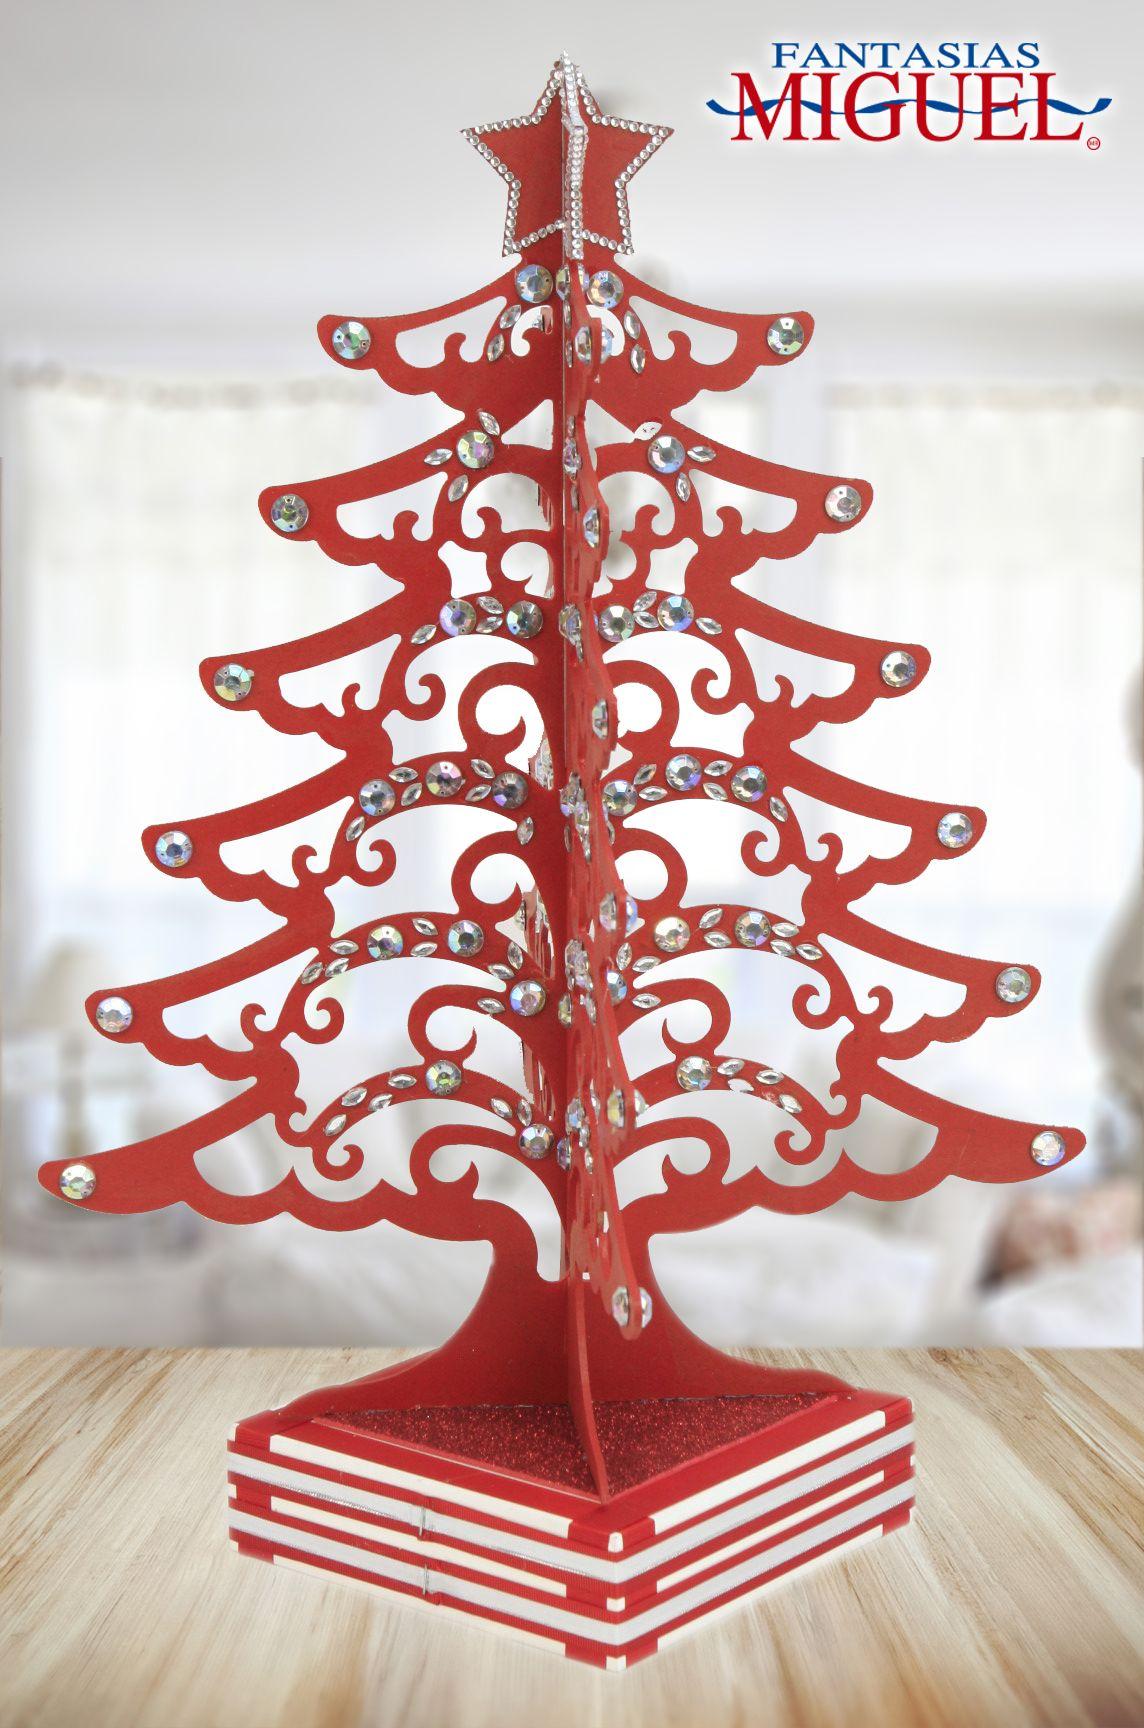 Pino de madera rojo navidad 2014 adorno decoraci n for Decoracion de navidad 2014